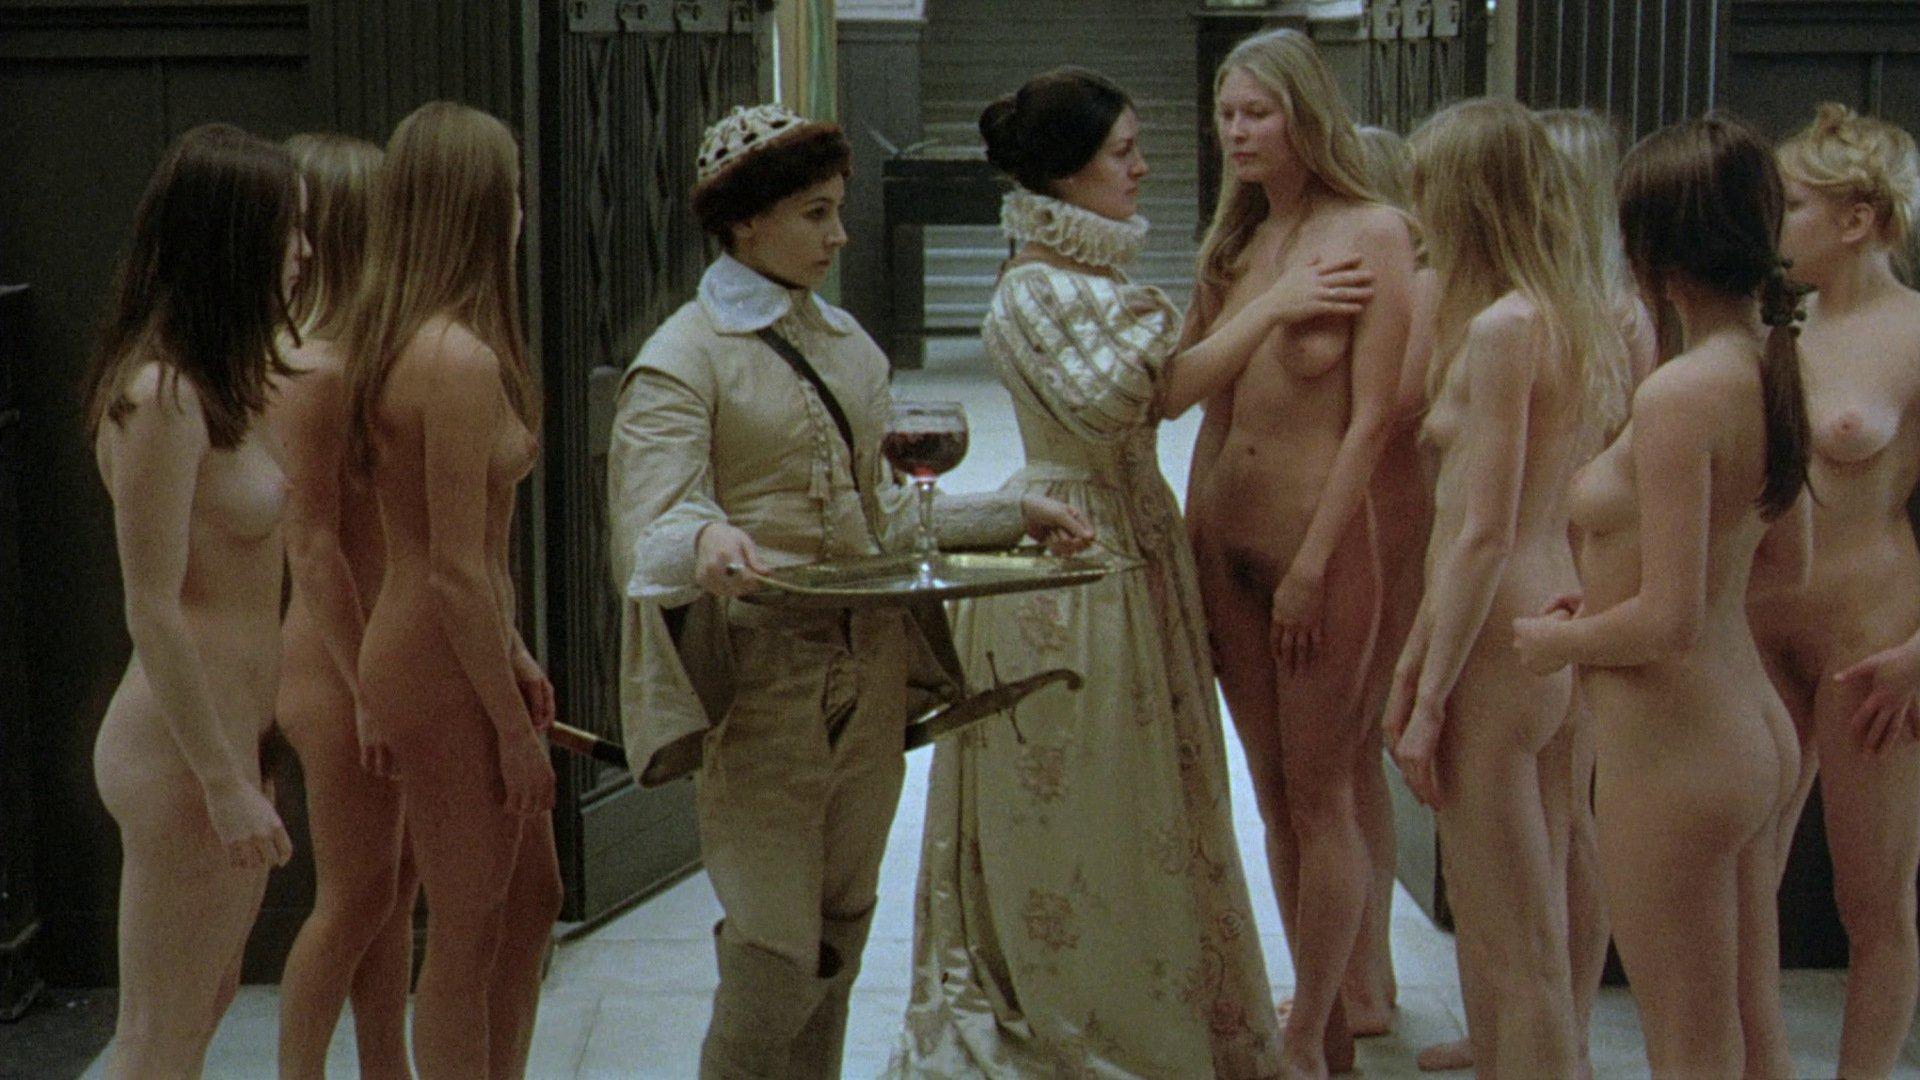 фильм про голых женщин - 4